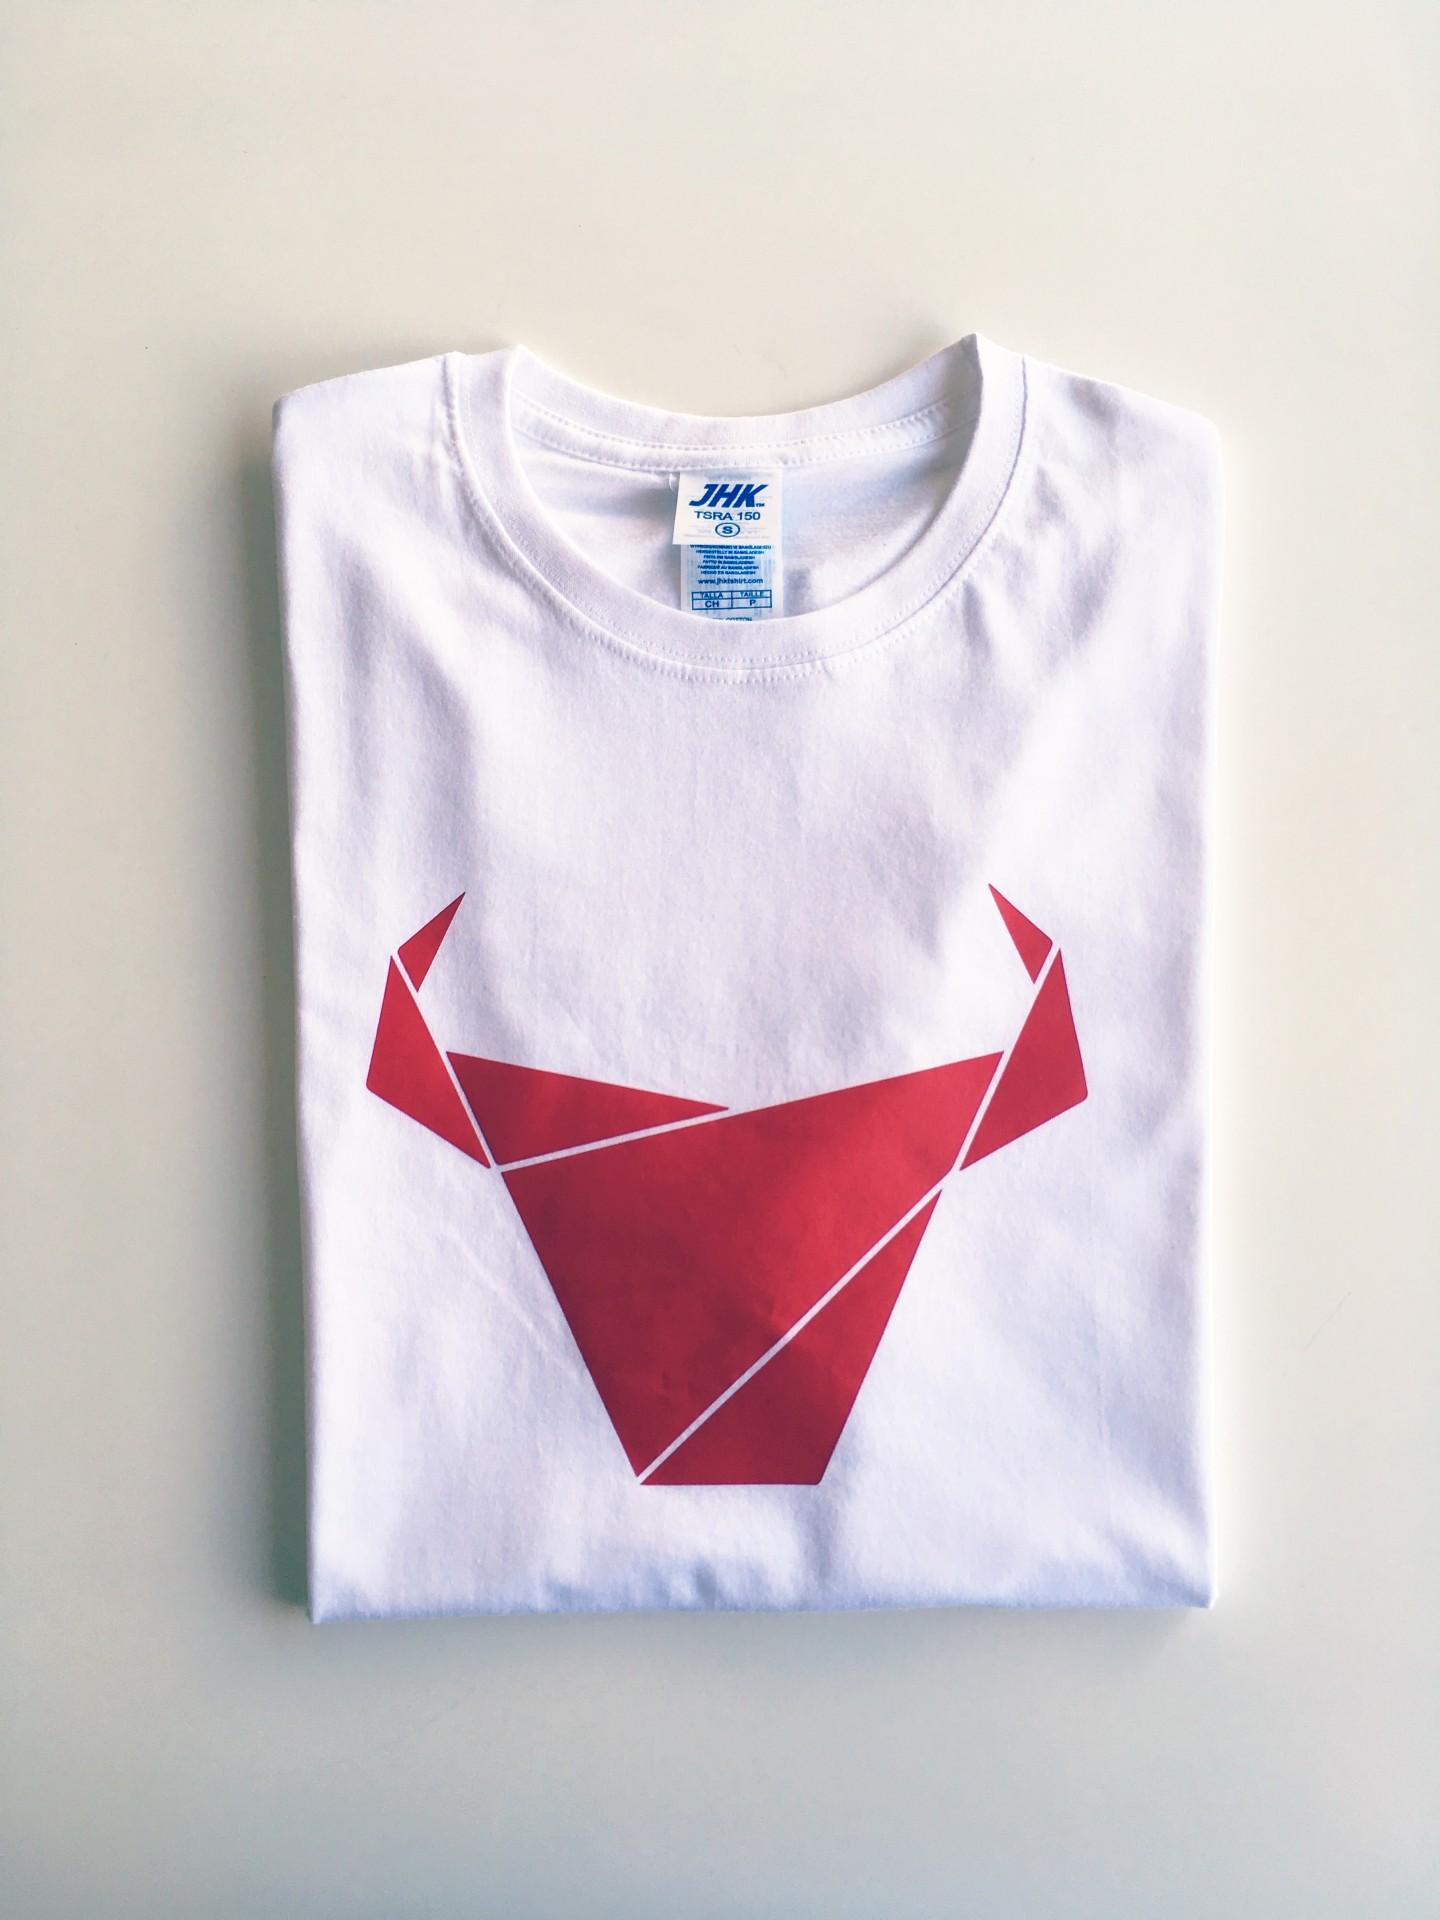 T-Shirt Toiro / Homem / Branco